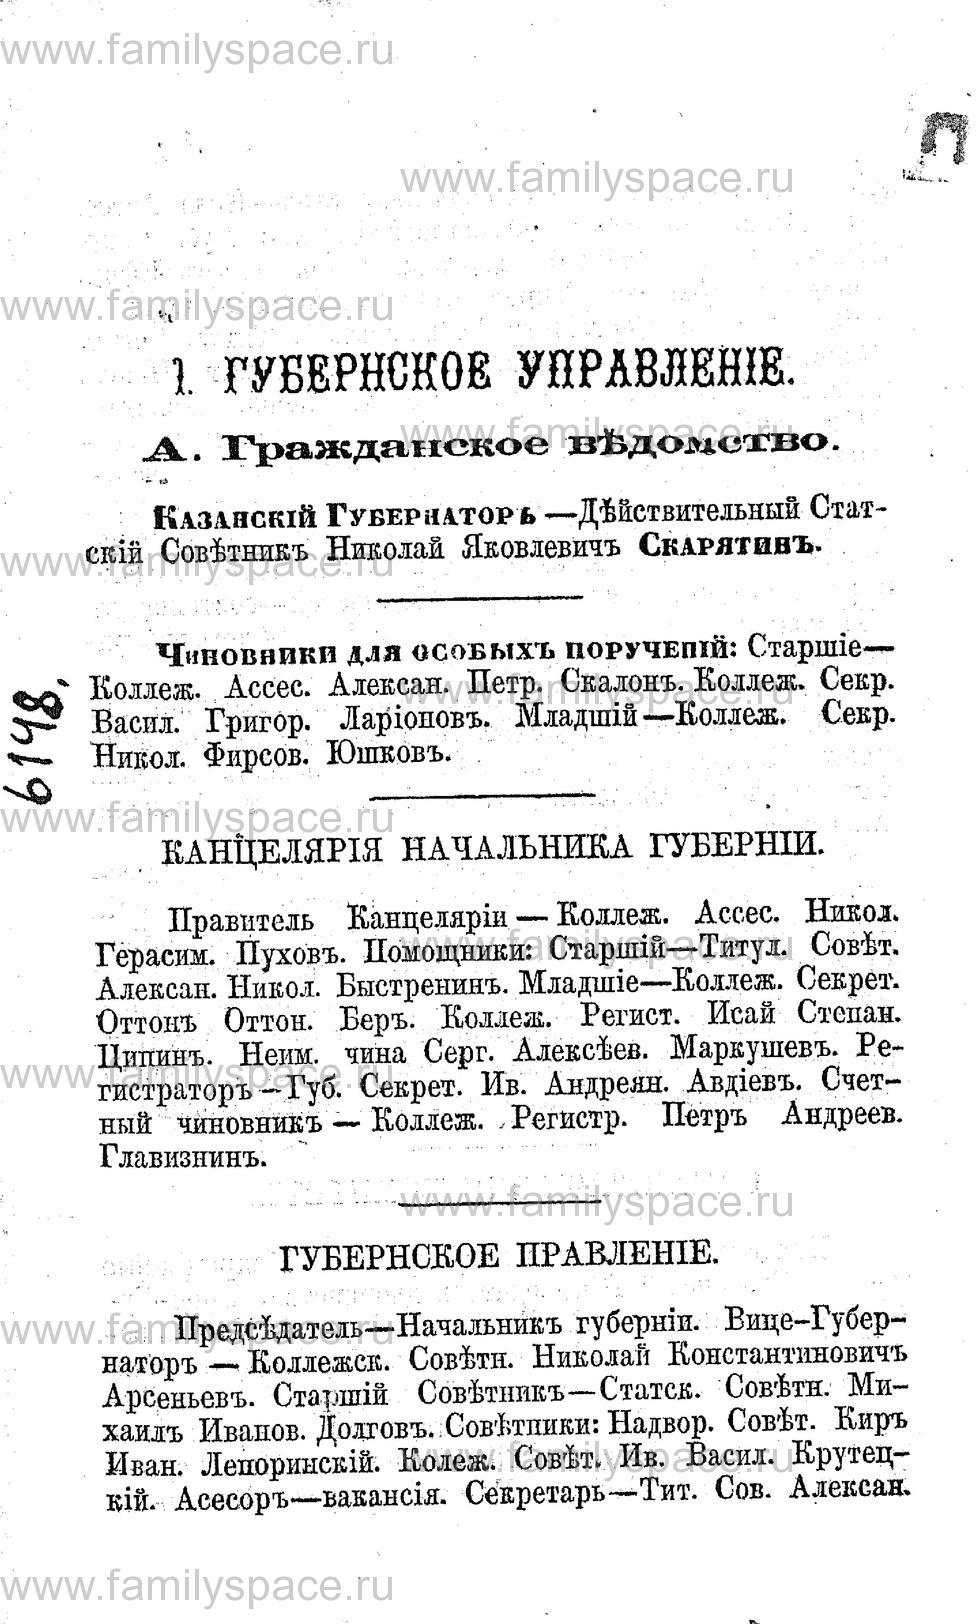 Поиск по фамилии - Адрес-календарь служащих в Казанской губернии лиц - 1871 год, страница 1